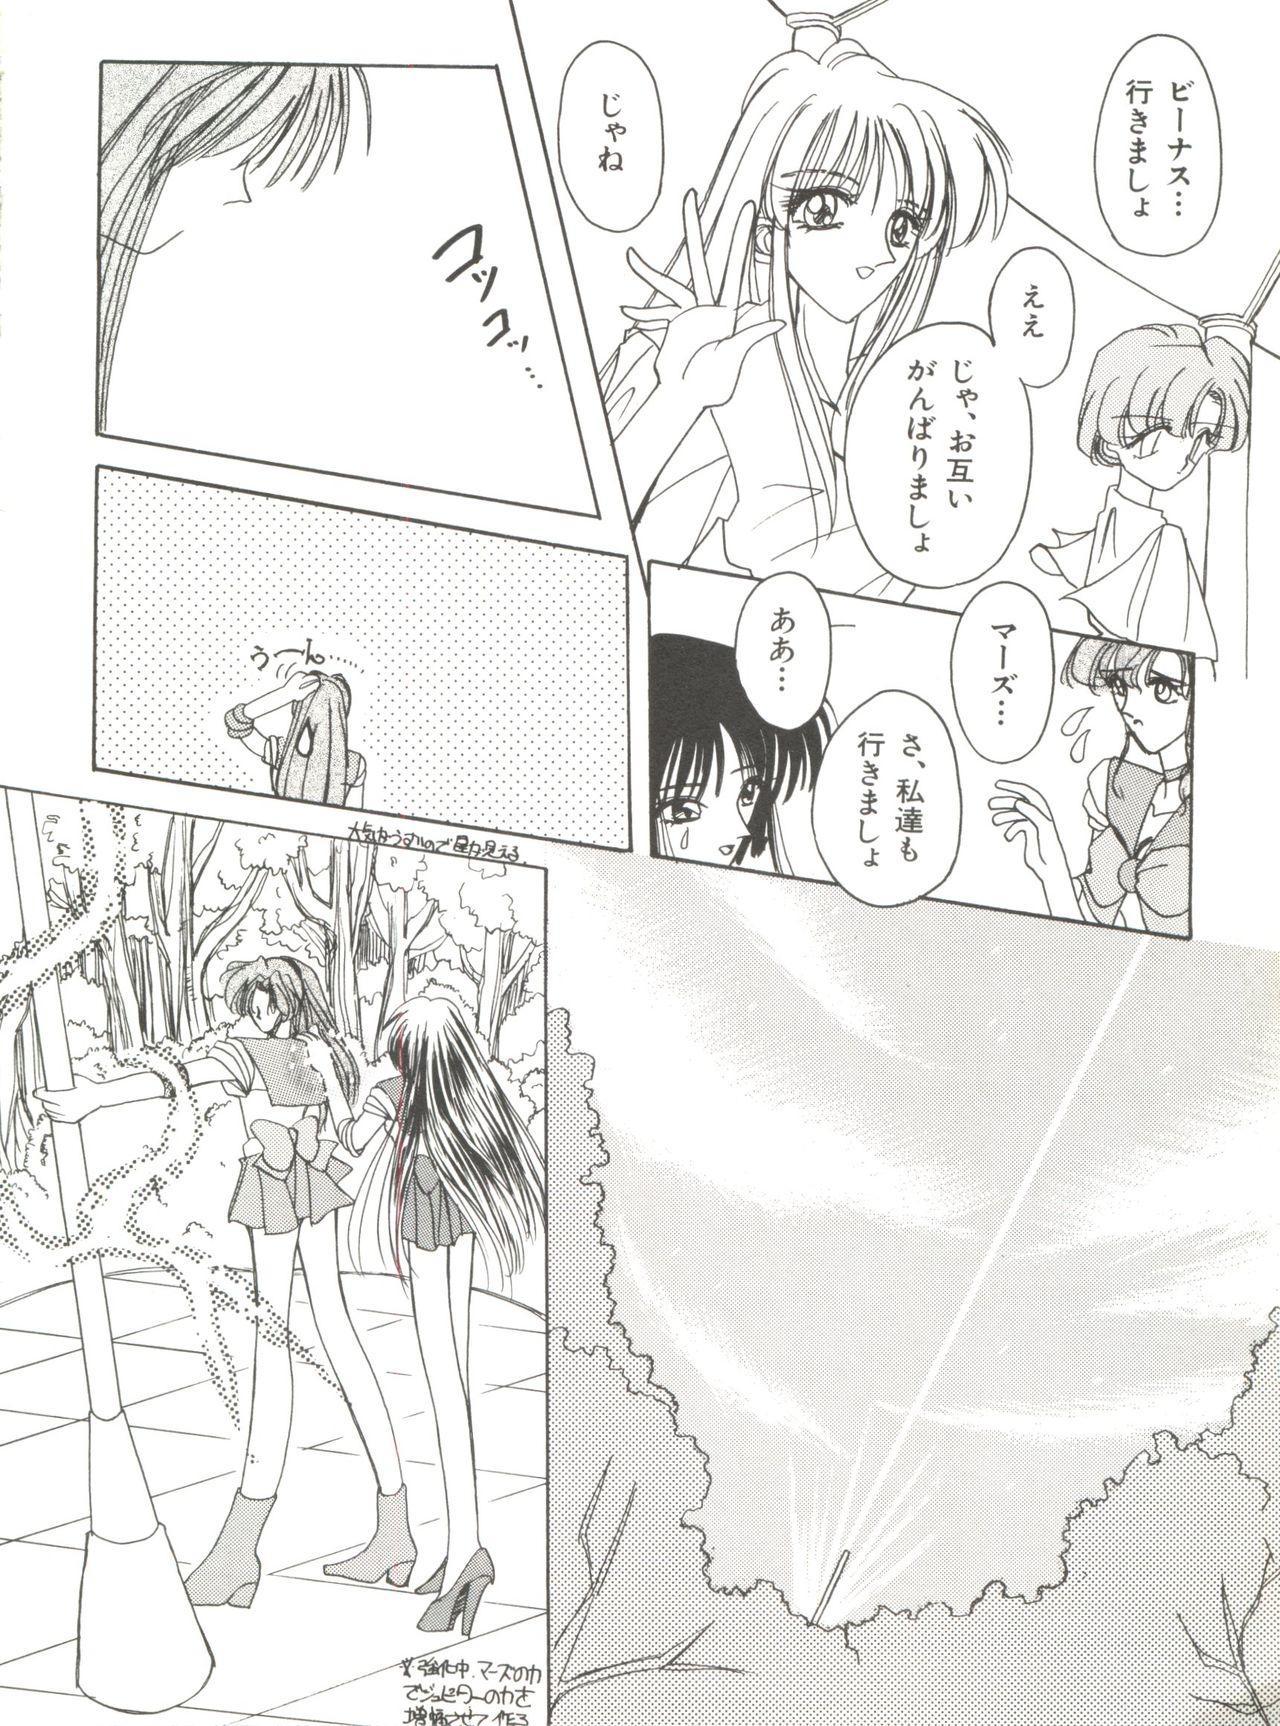 Bishoujo Doujinshi Anthology 12 - Moon Paradise 7 Tsuki no Rakuen 70